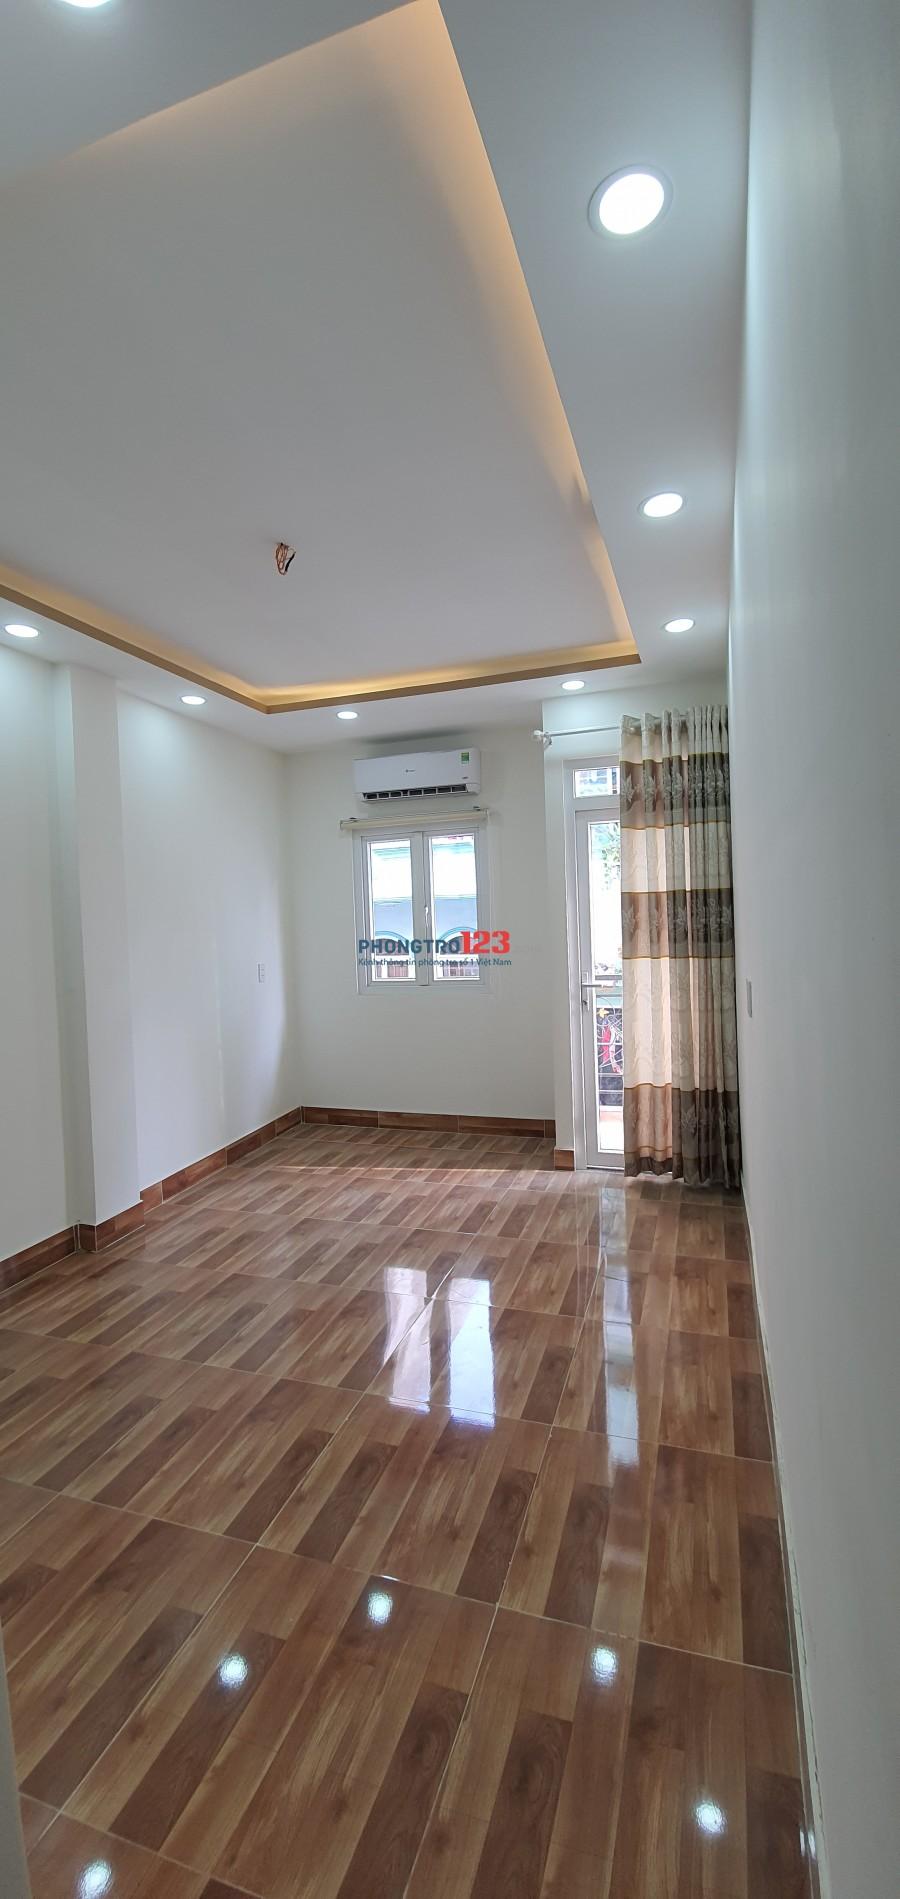 Phòng trọ 25m2 tại 213 Đường Nguyễn Trãi, Phường 2, Quận 5 giá rẻ